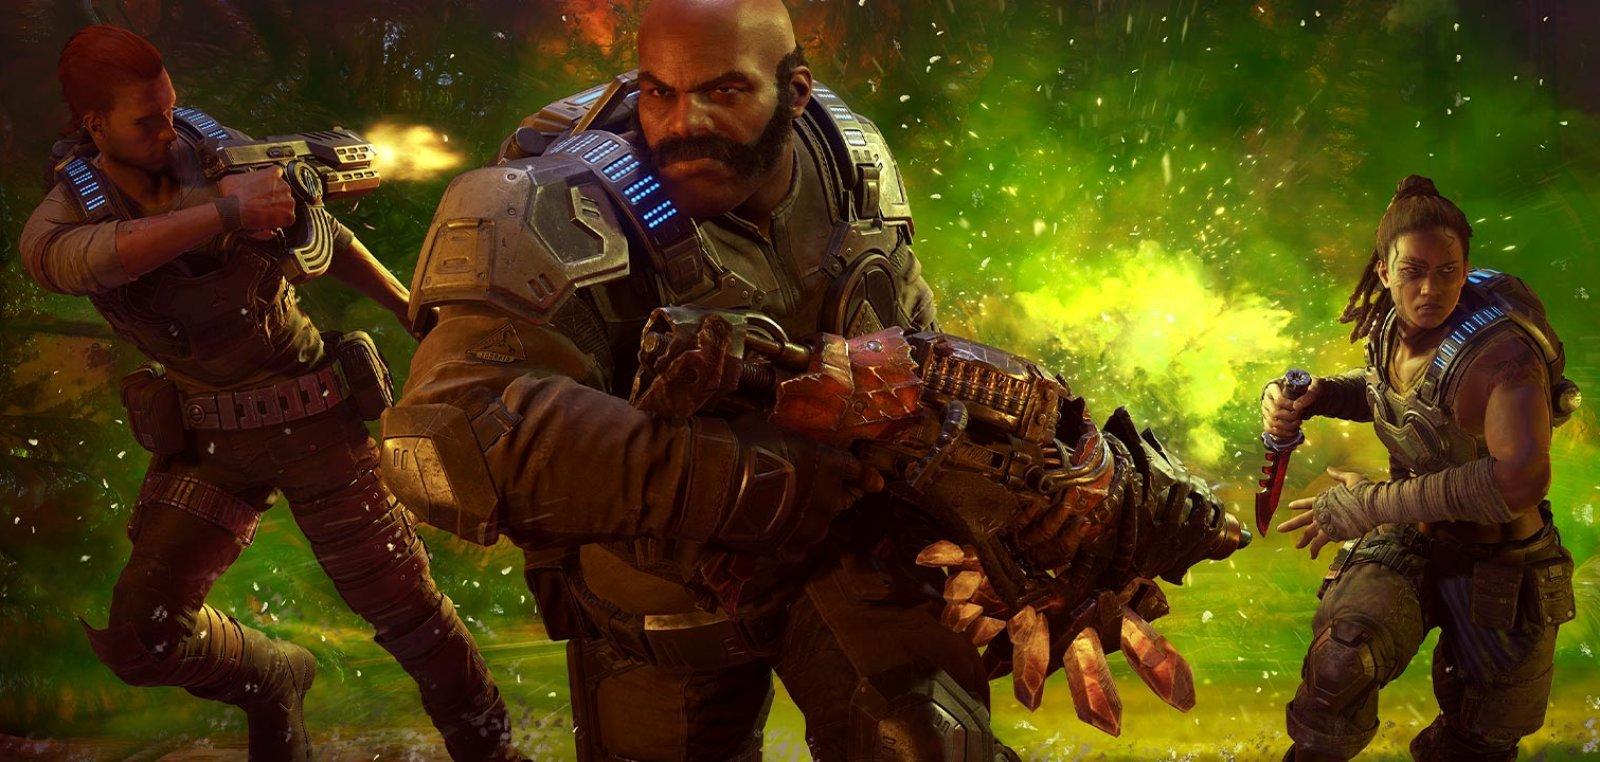 Le mode Escape est une nouveauté pour la franchise où les joueurs devront s'échapper d'une base ennemie